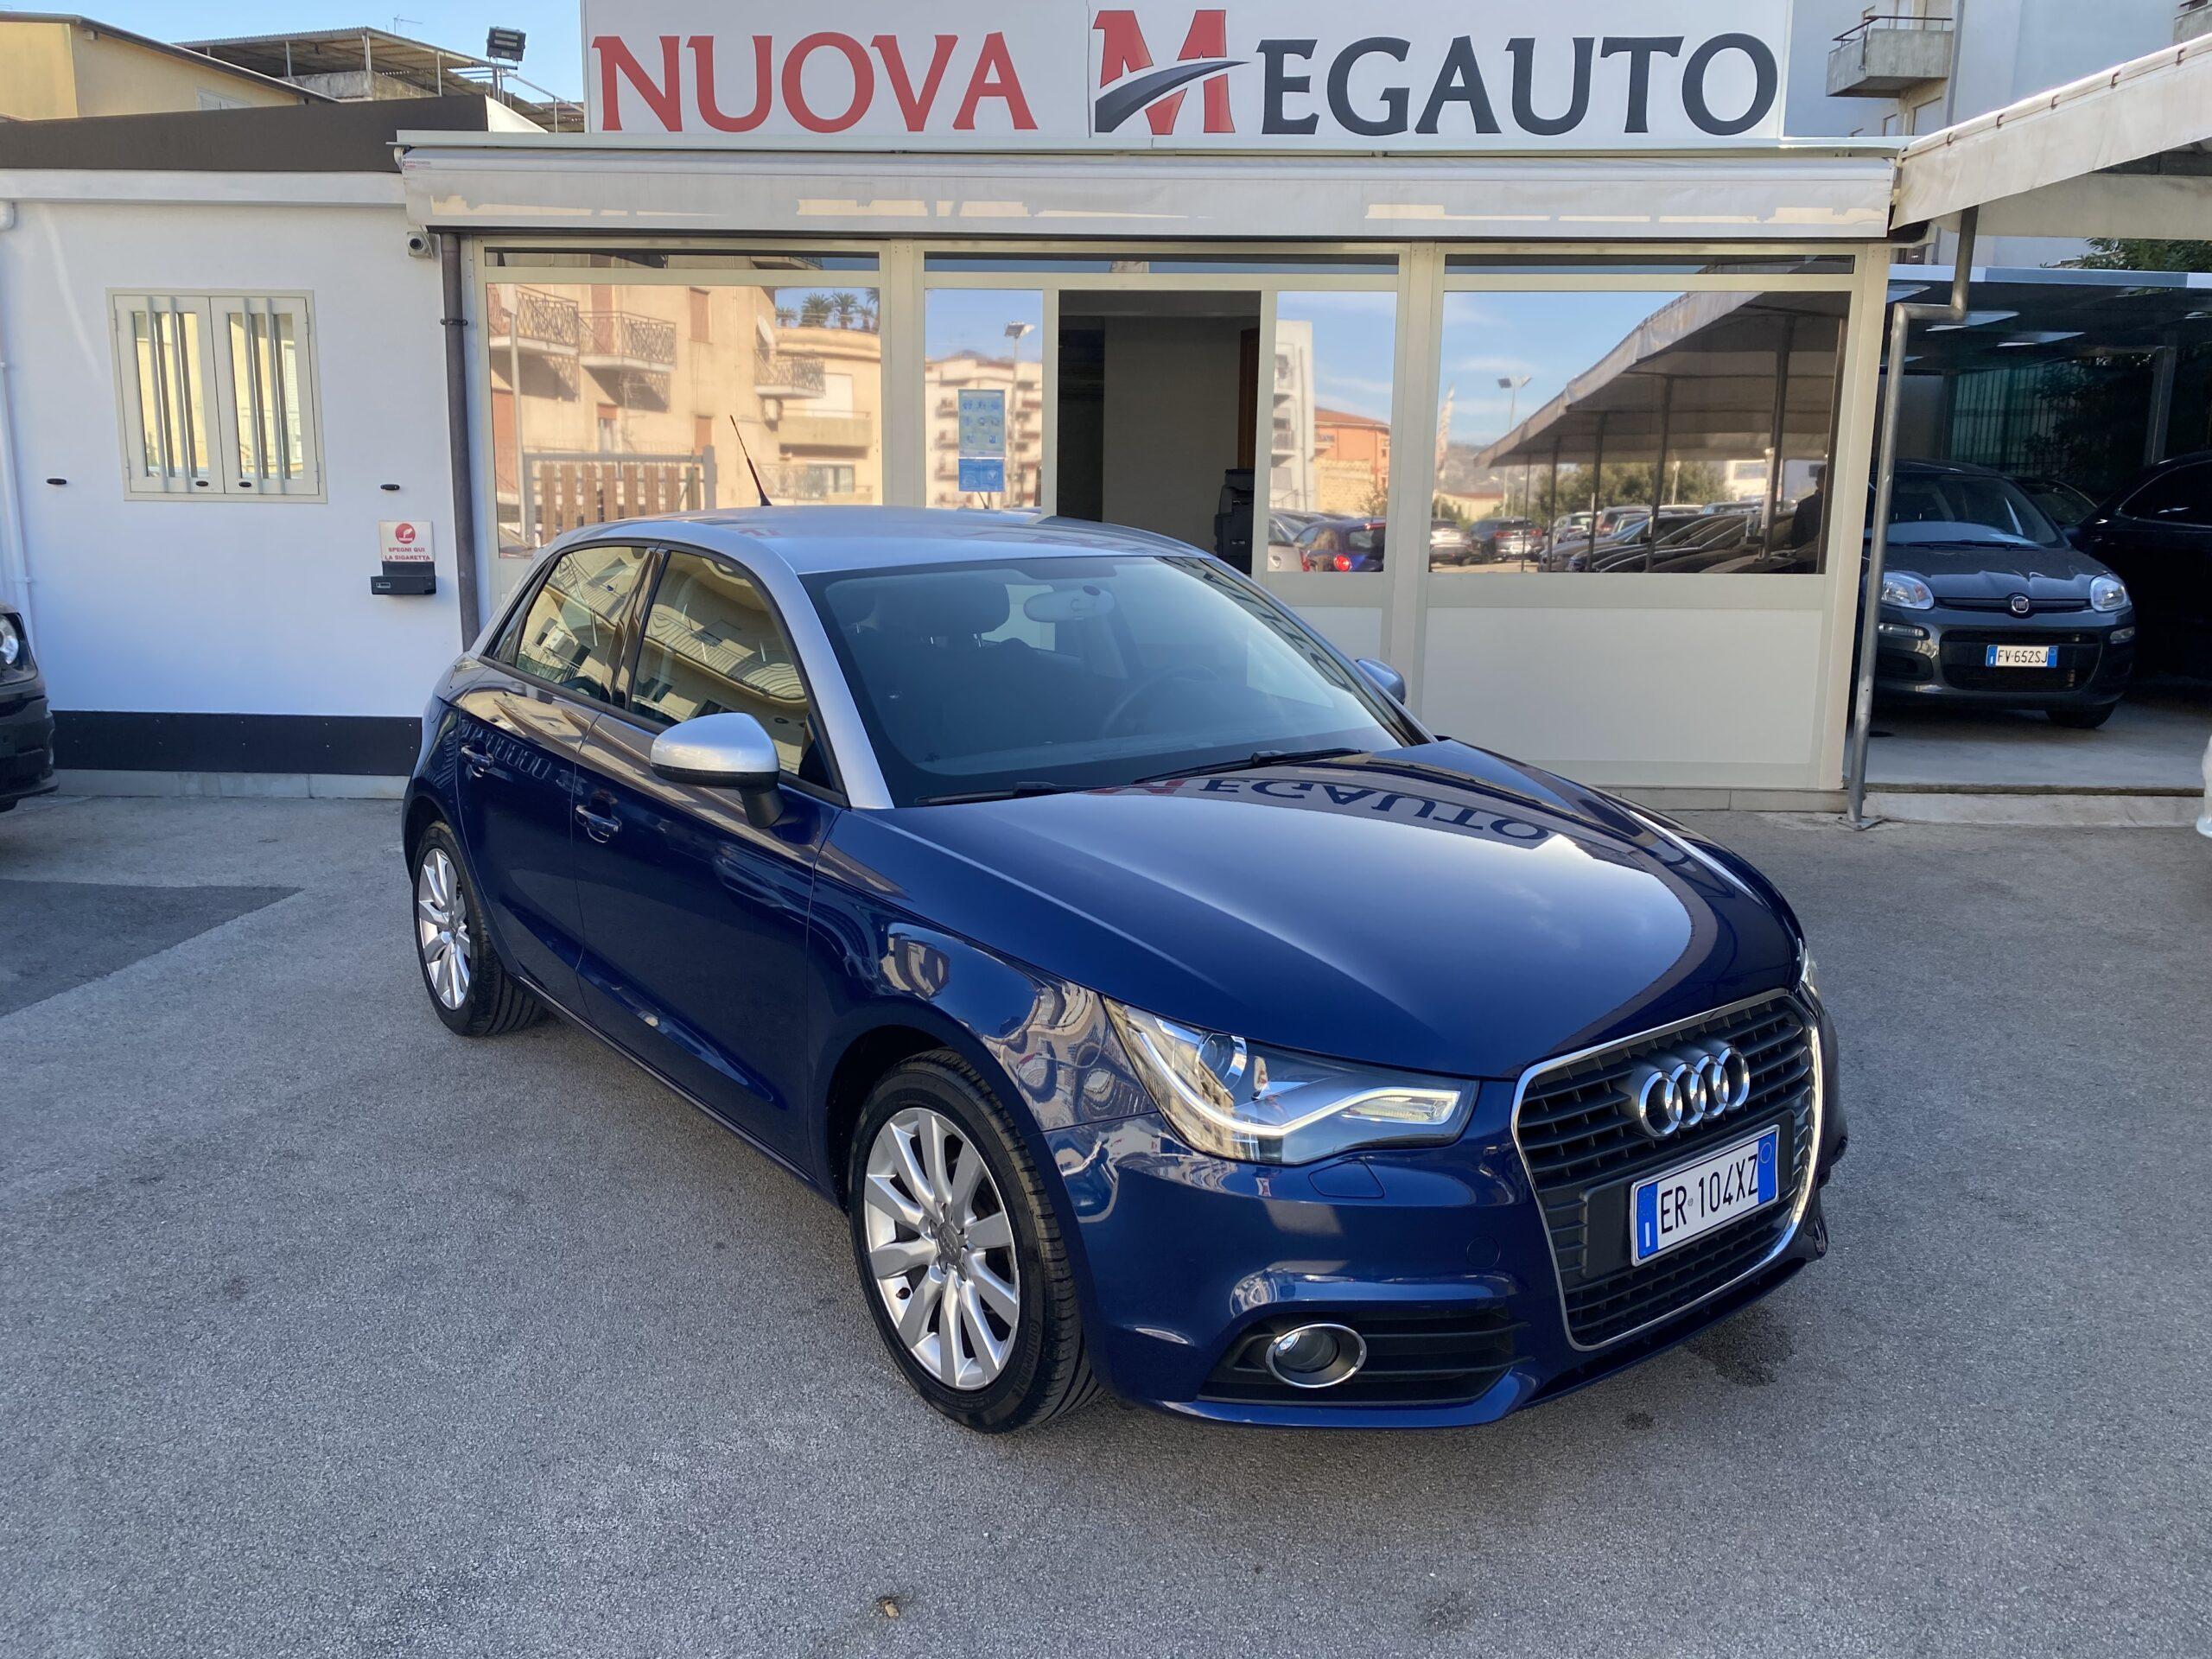 Audi A1 SPB 1.6 TDI Ambition Led Xeno Aut